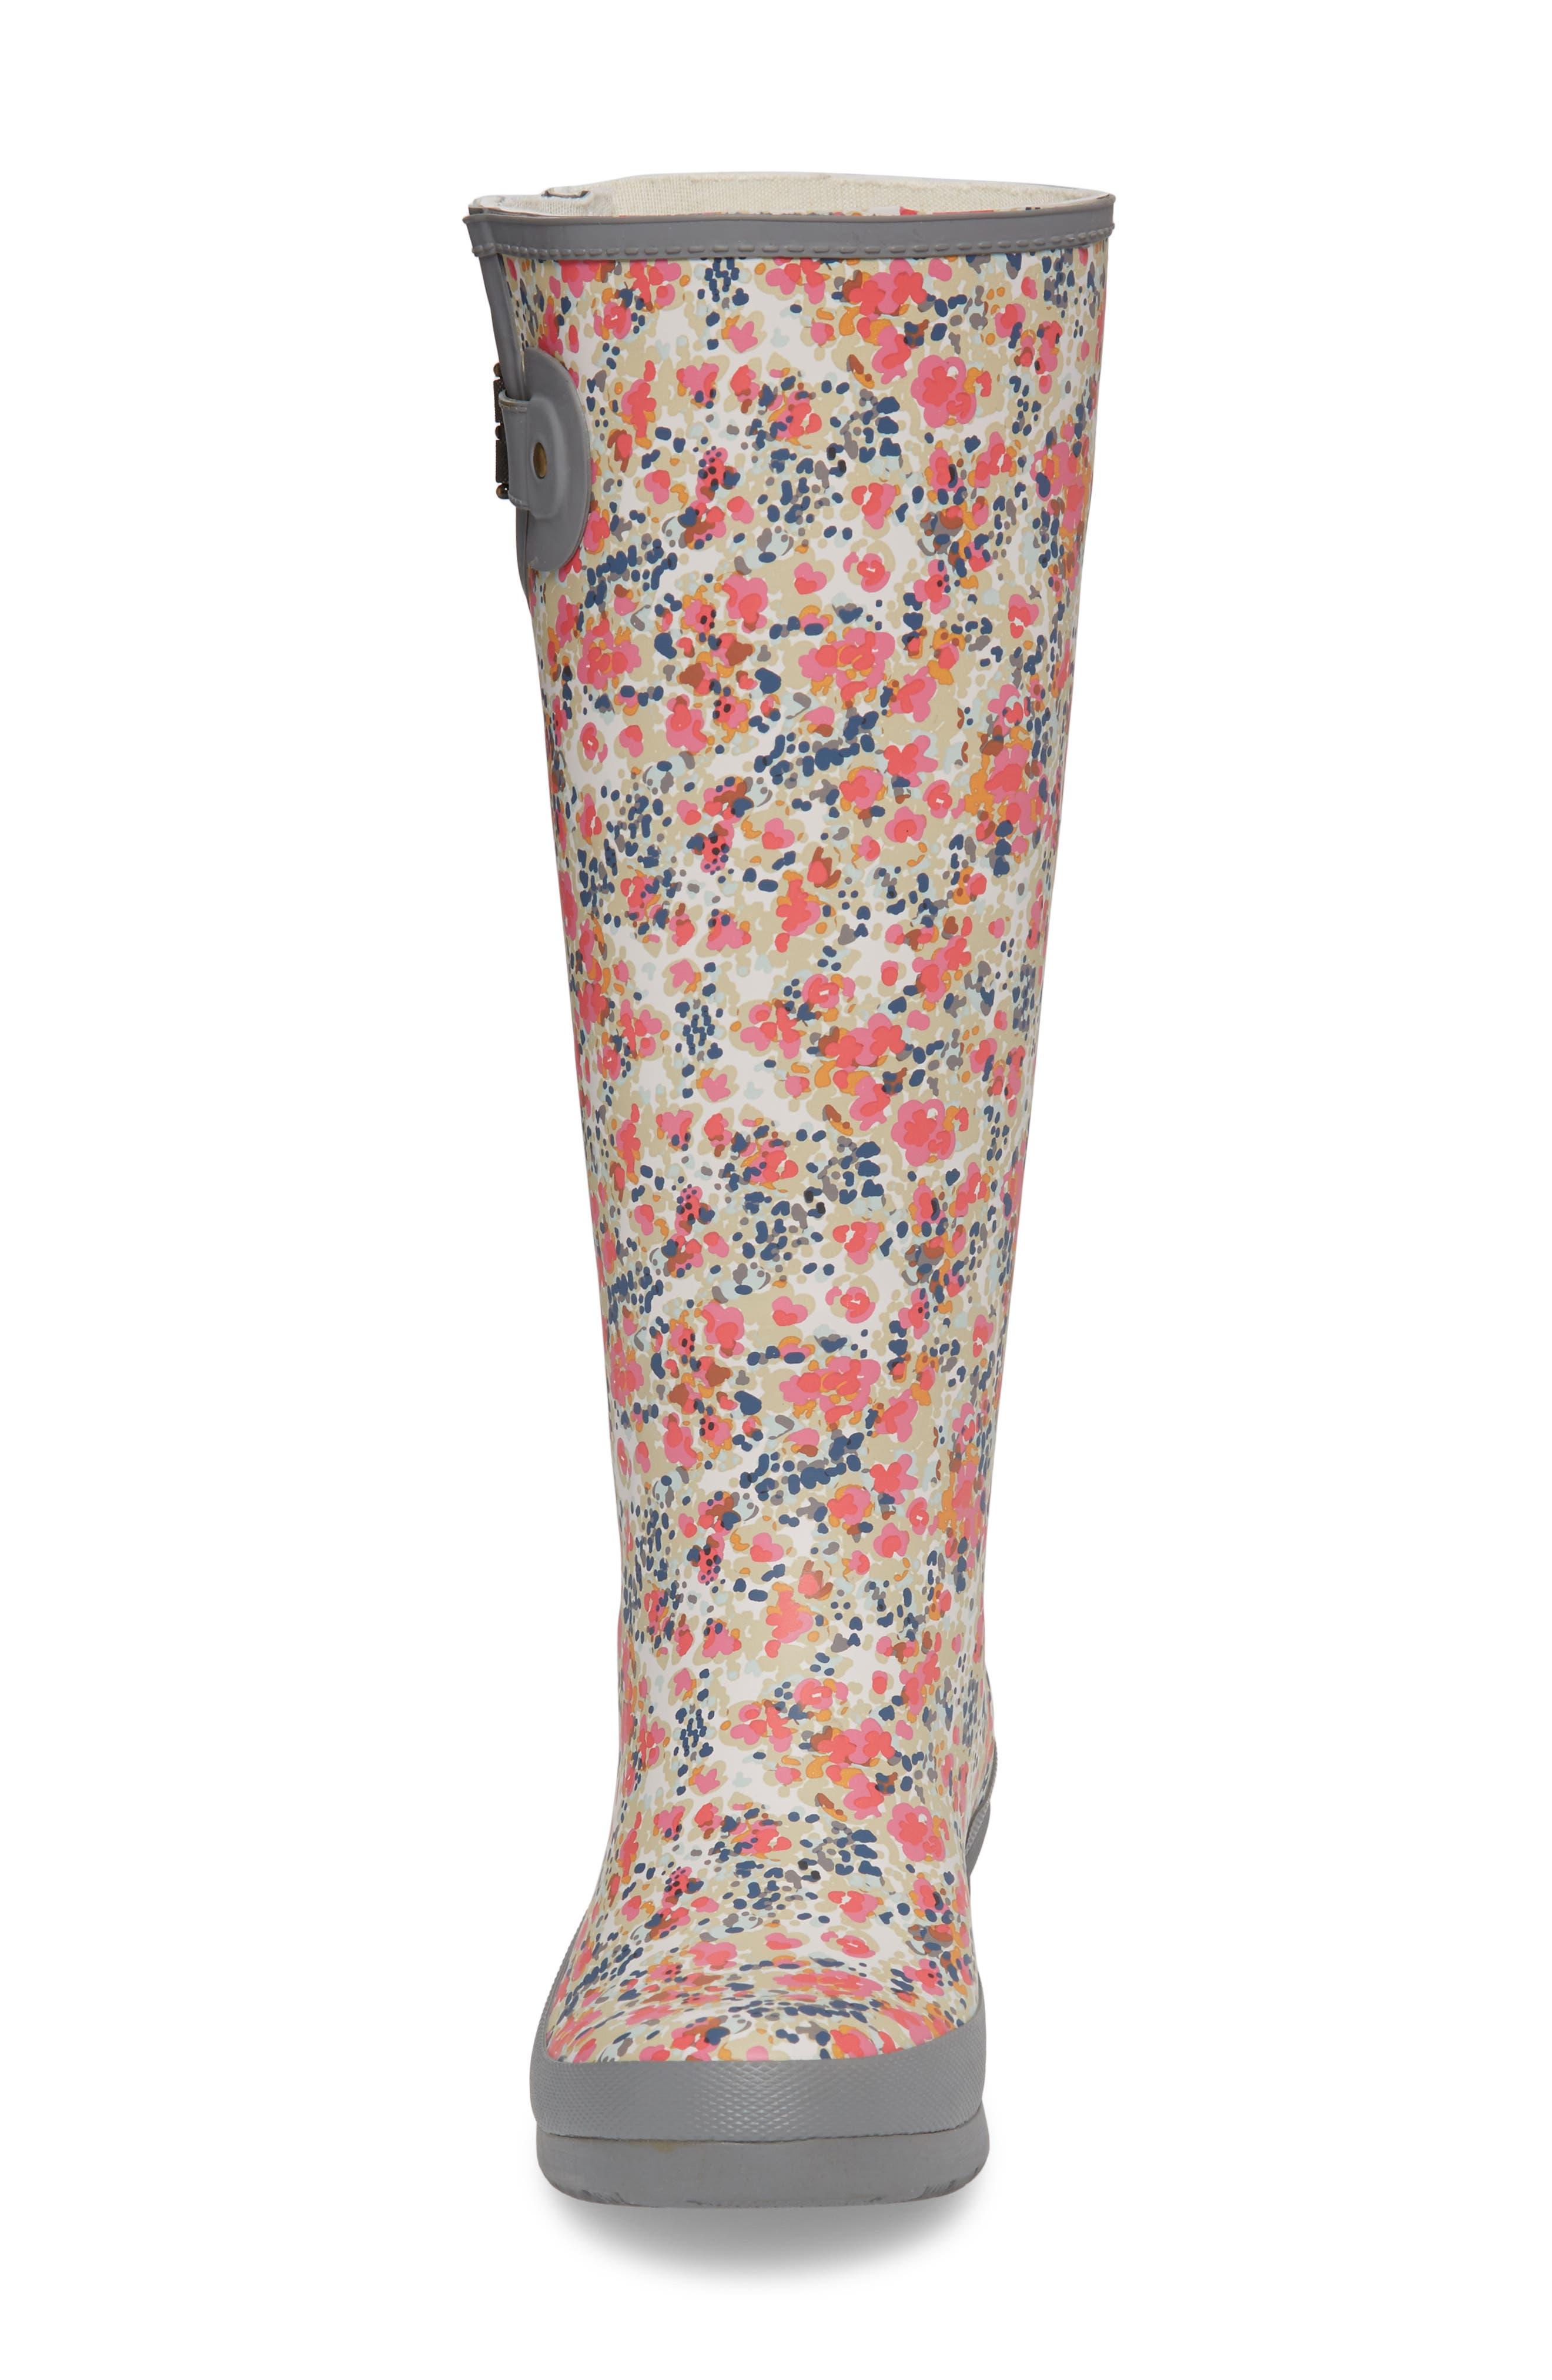 Julia Floral Waterproof Rain Boot,                             Alternate thumbnail 4, color,                             GRAY